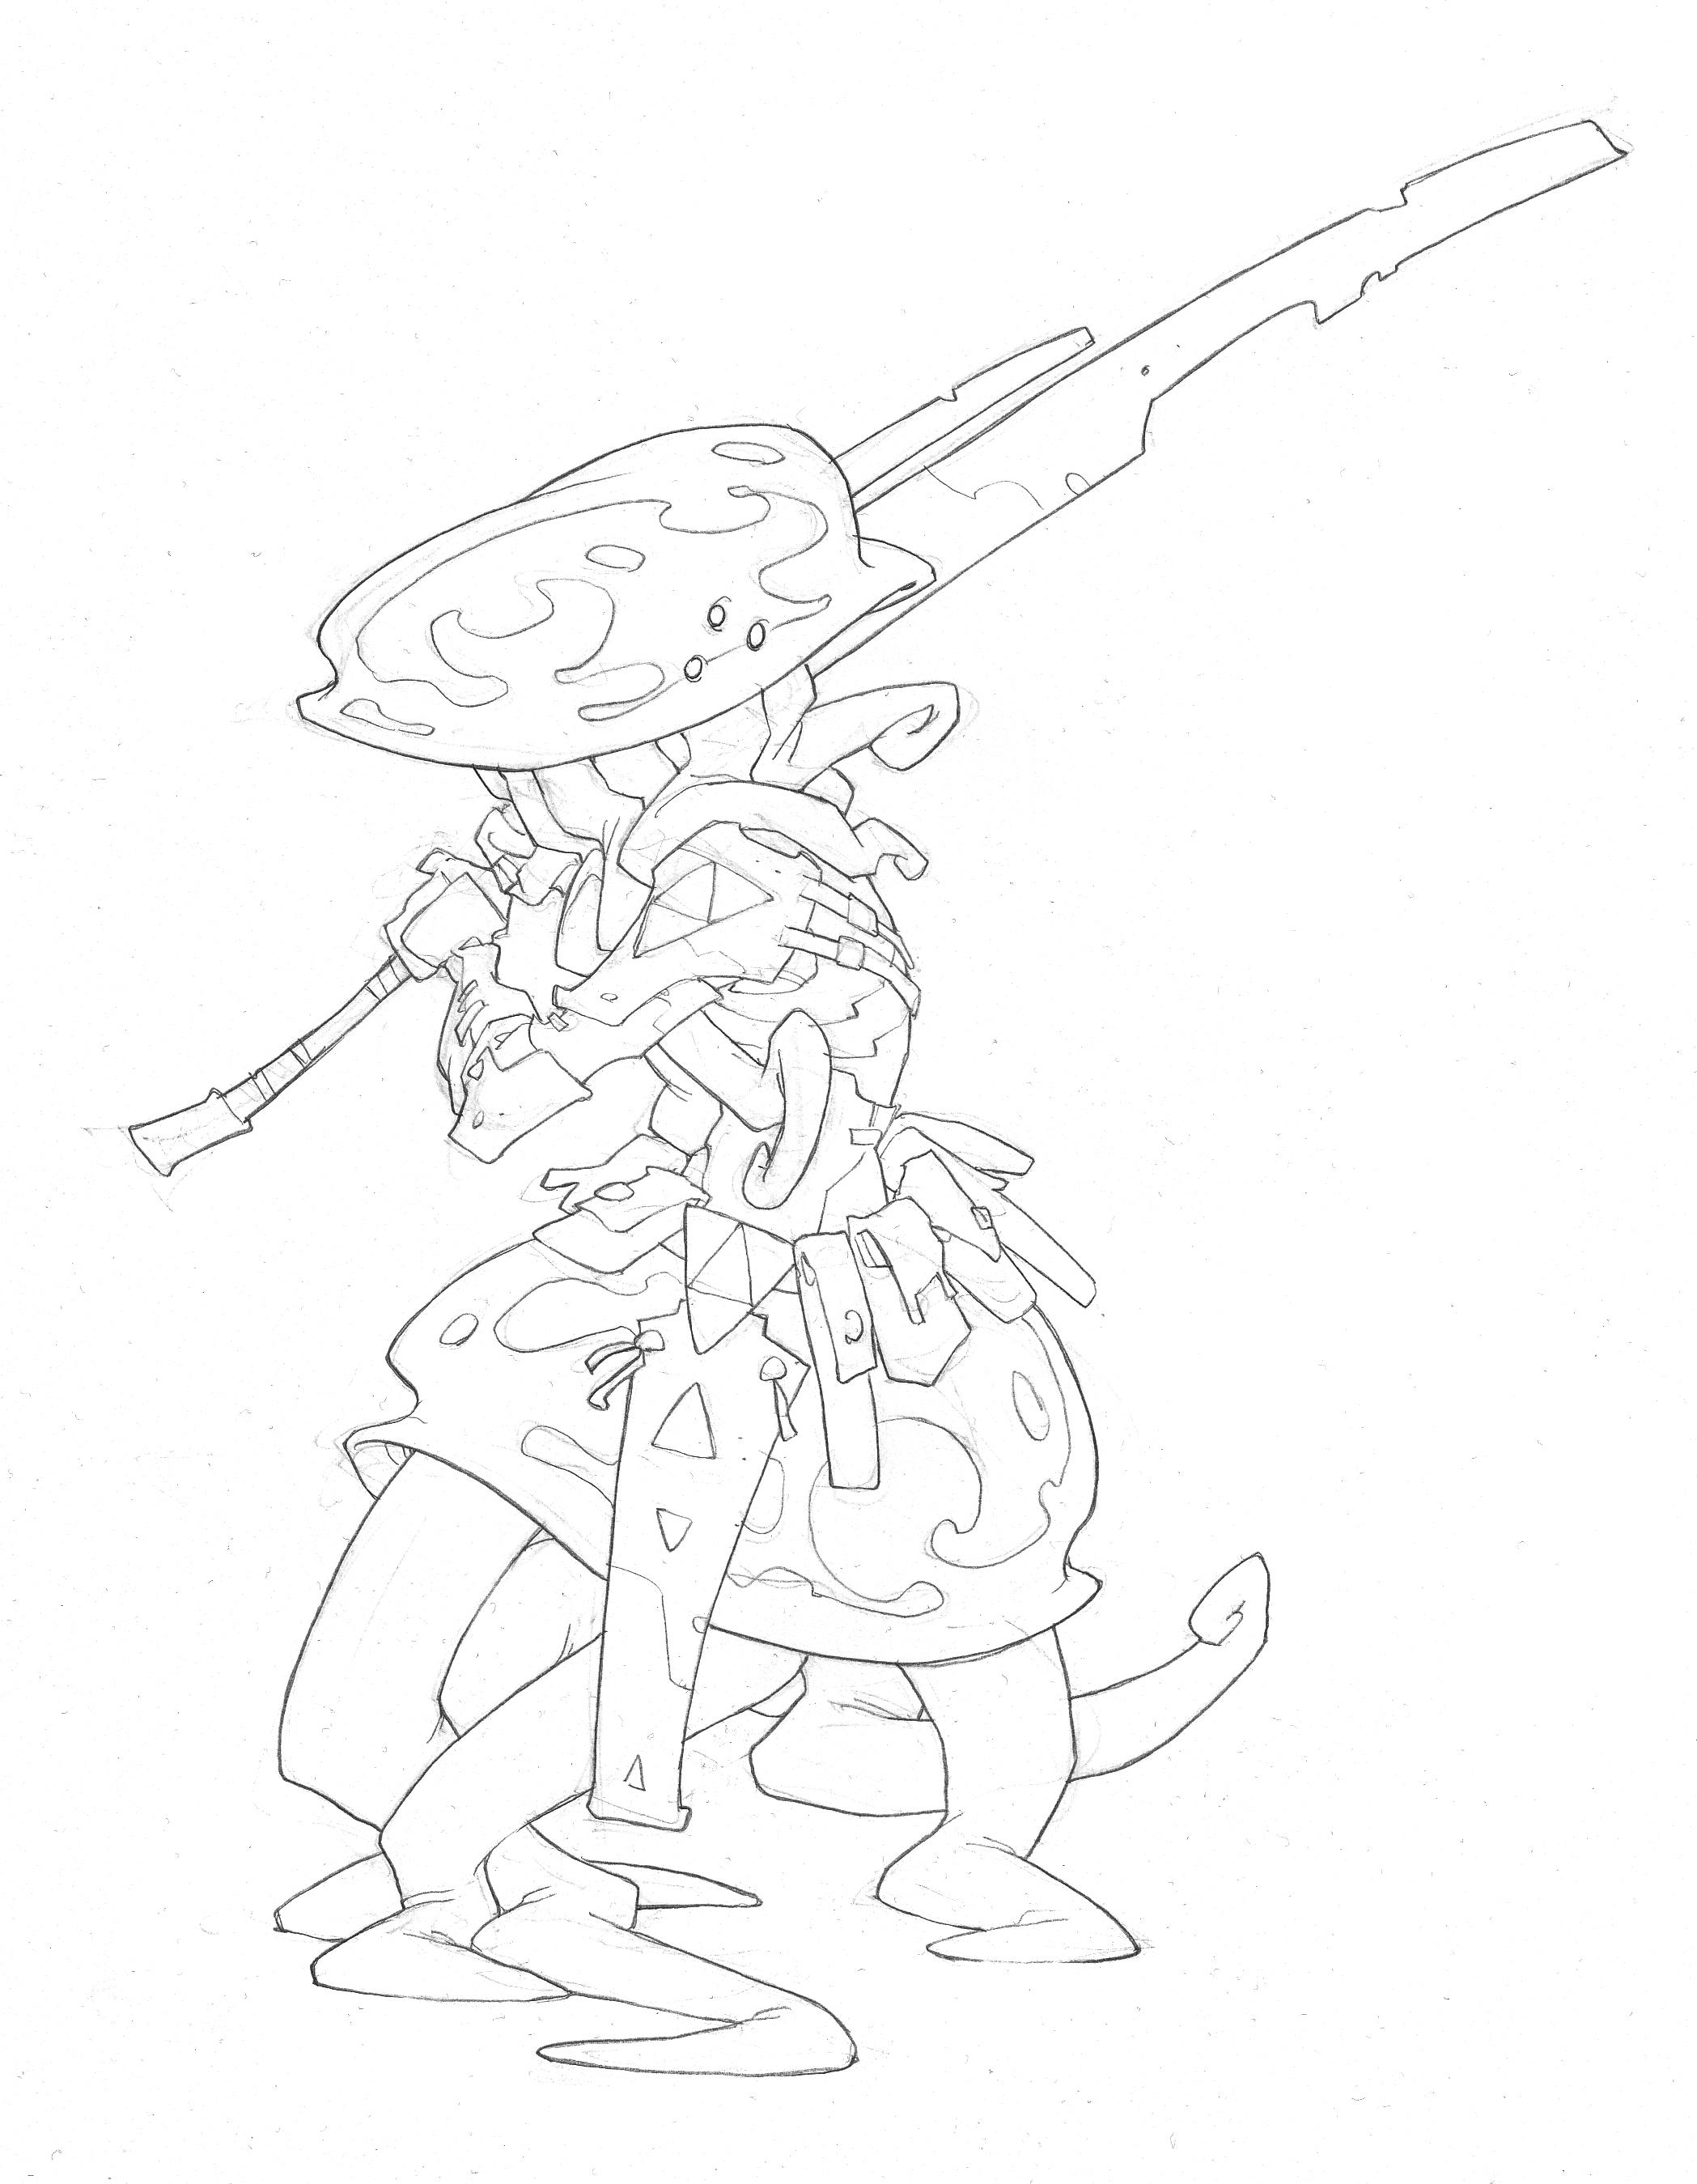 jellyfish-character.jpg